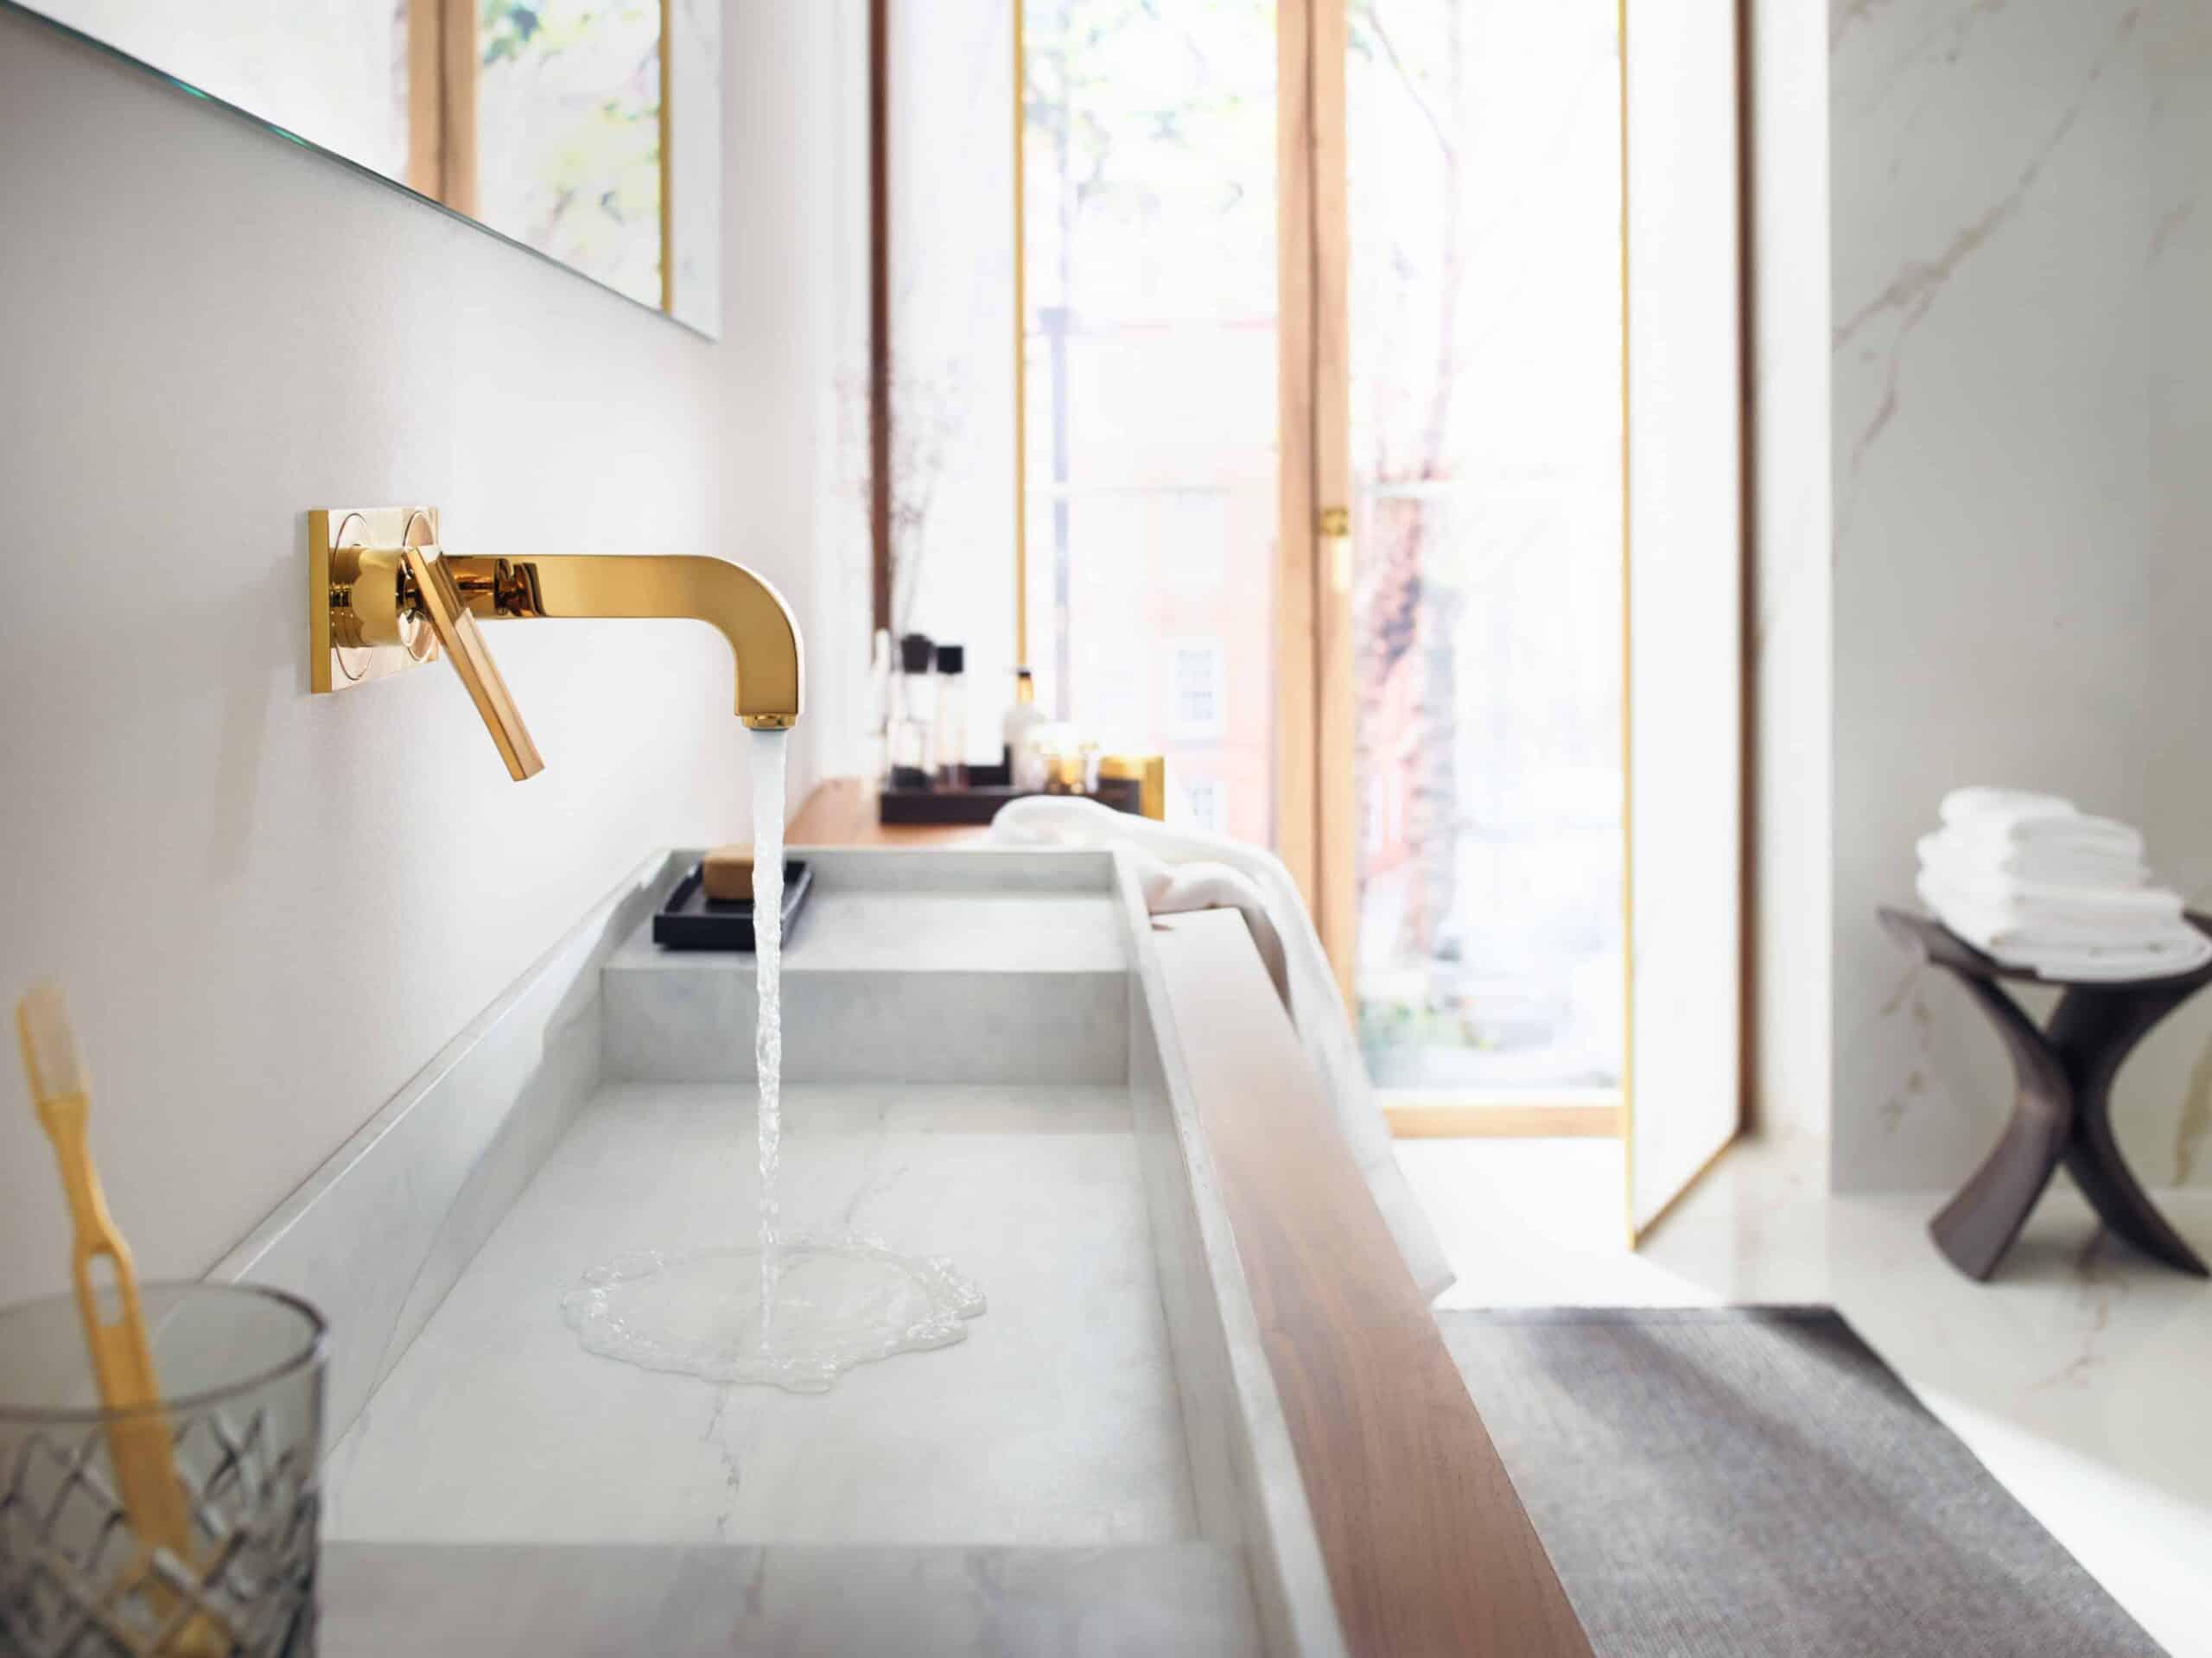 AXOR Citterio modern bathroom design collection, gold wall-mounted faucet